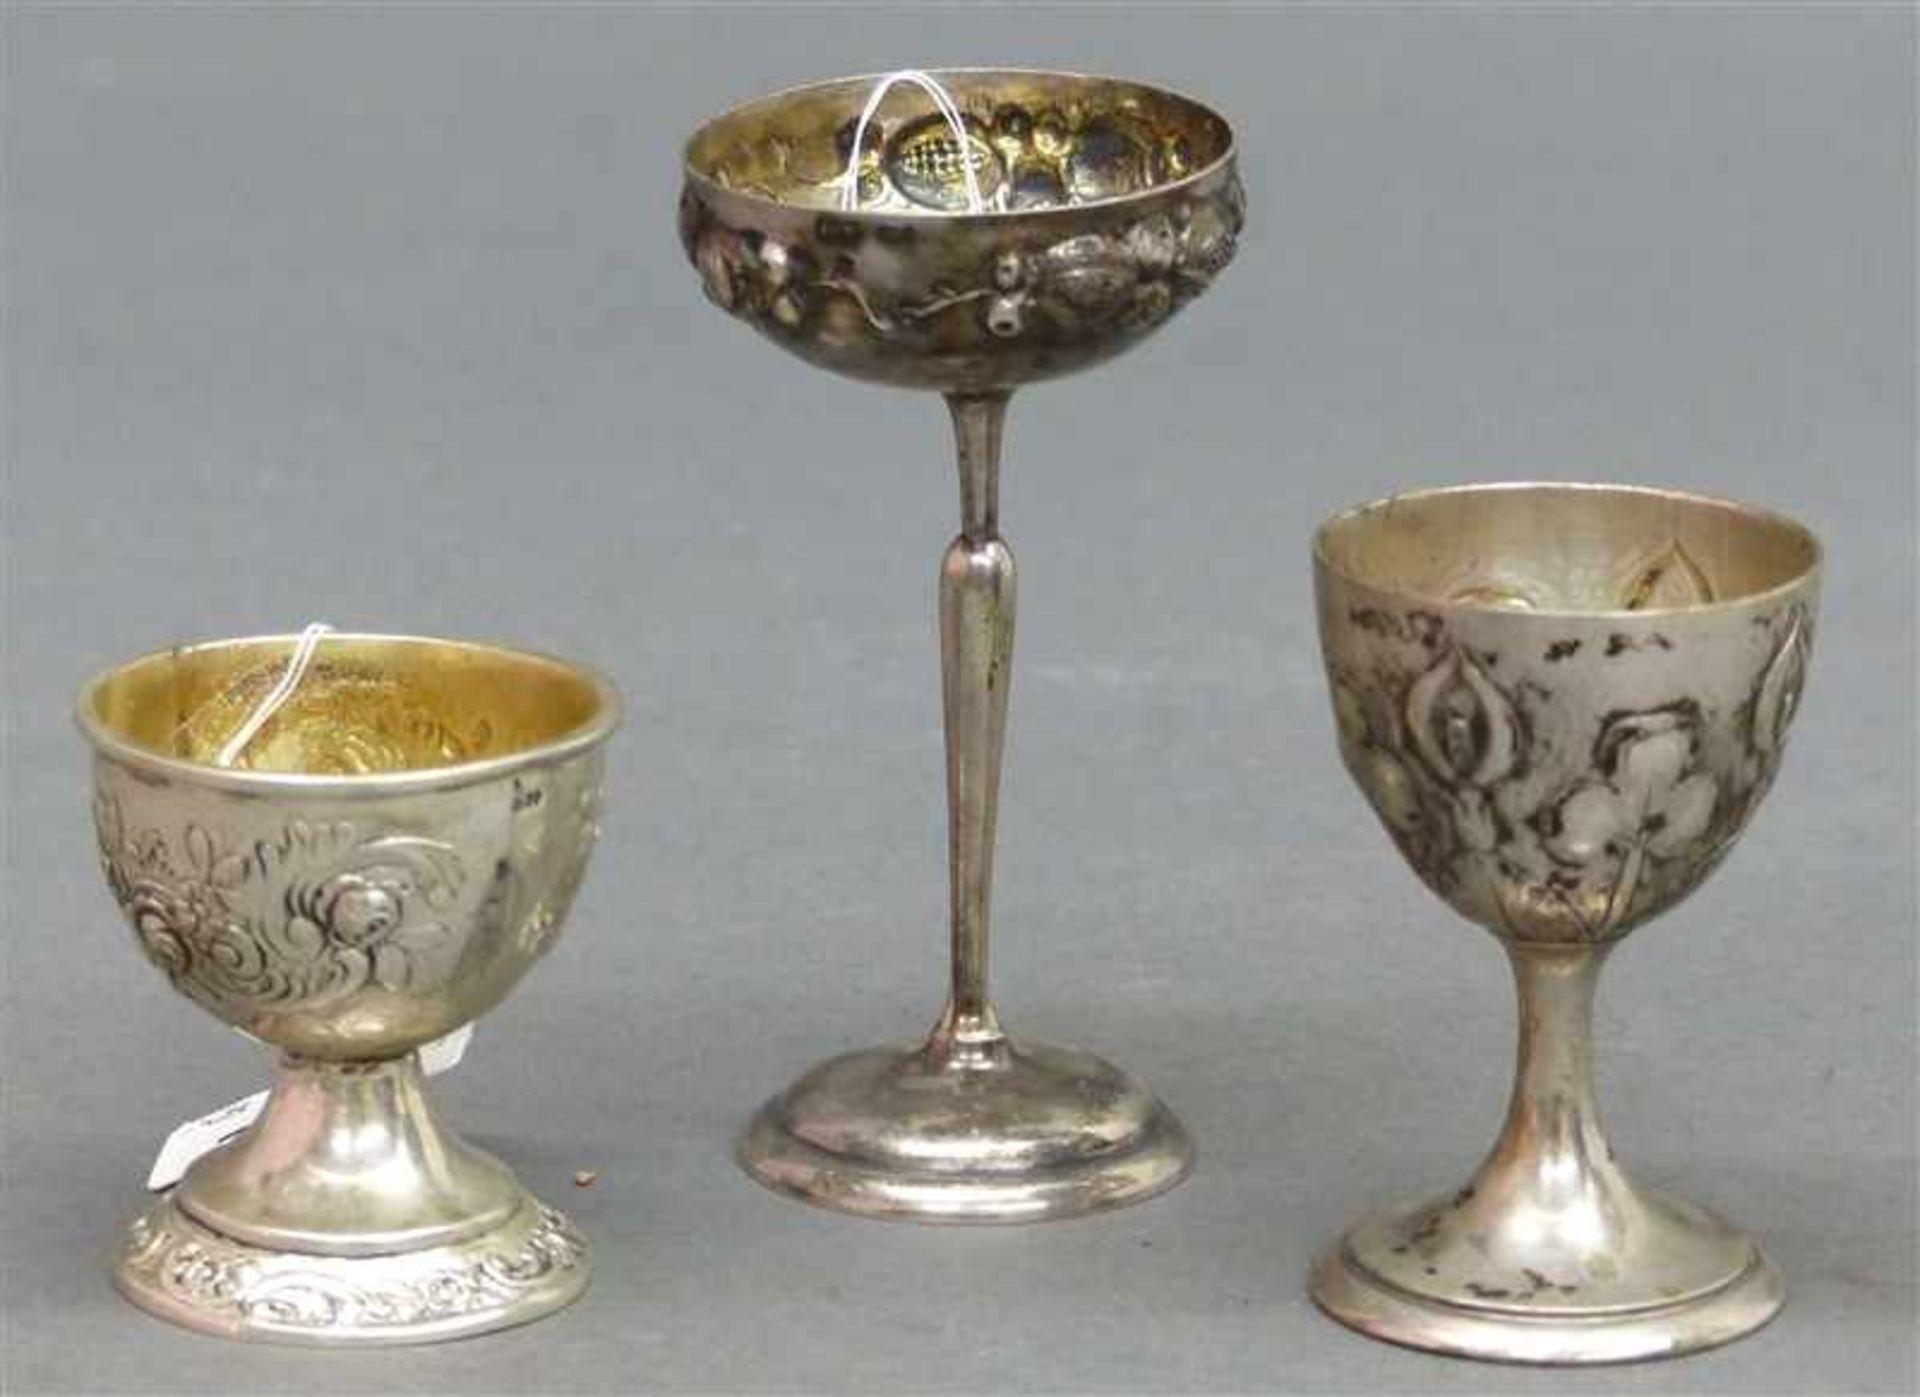 Los 1032 - Konvolut Silber, 800 punziert, 2 Eierbecher, 1 Aufsatzschälchen, Reliefdekor, verschieden, zus.